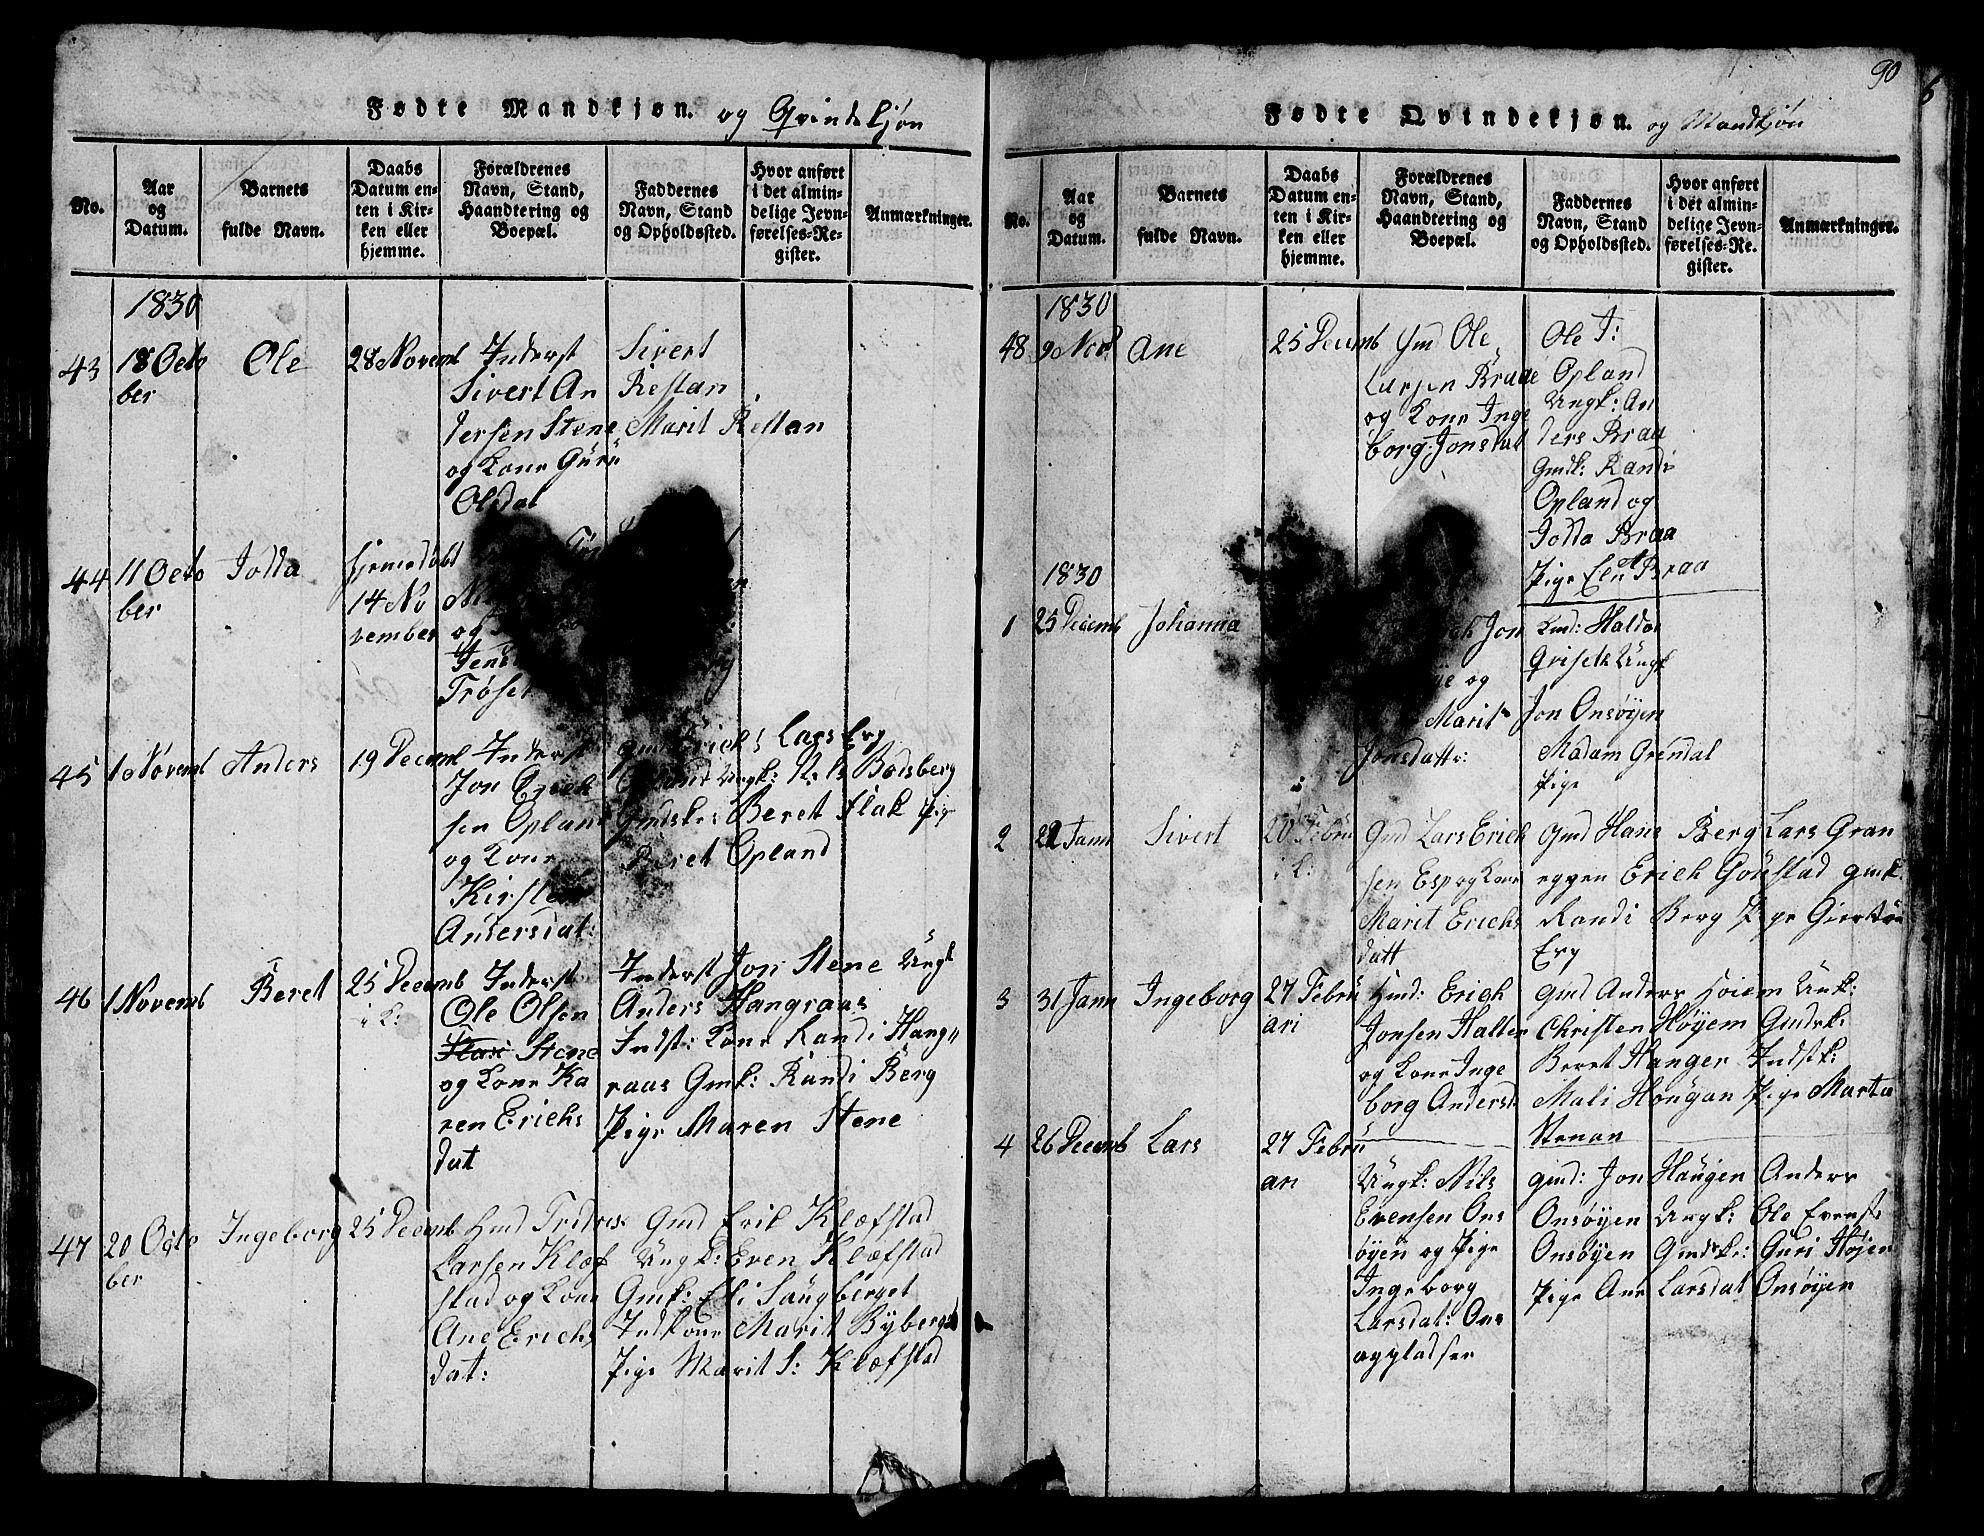 SAT, Ministerialprotokoller, klokkerbøker og fødselsregistre - Sør-Trøndelag, 612/L0385: Klokkerbok nr. 612C01, 1816-1845, s. 90